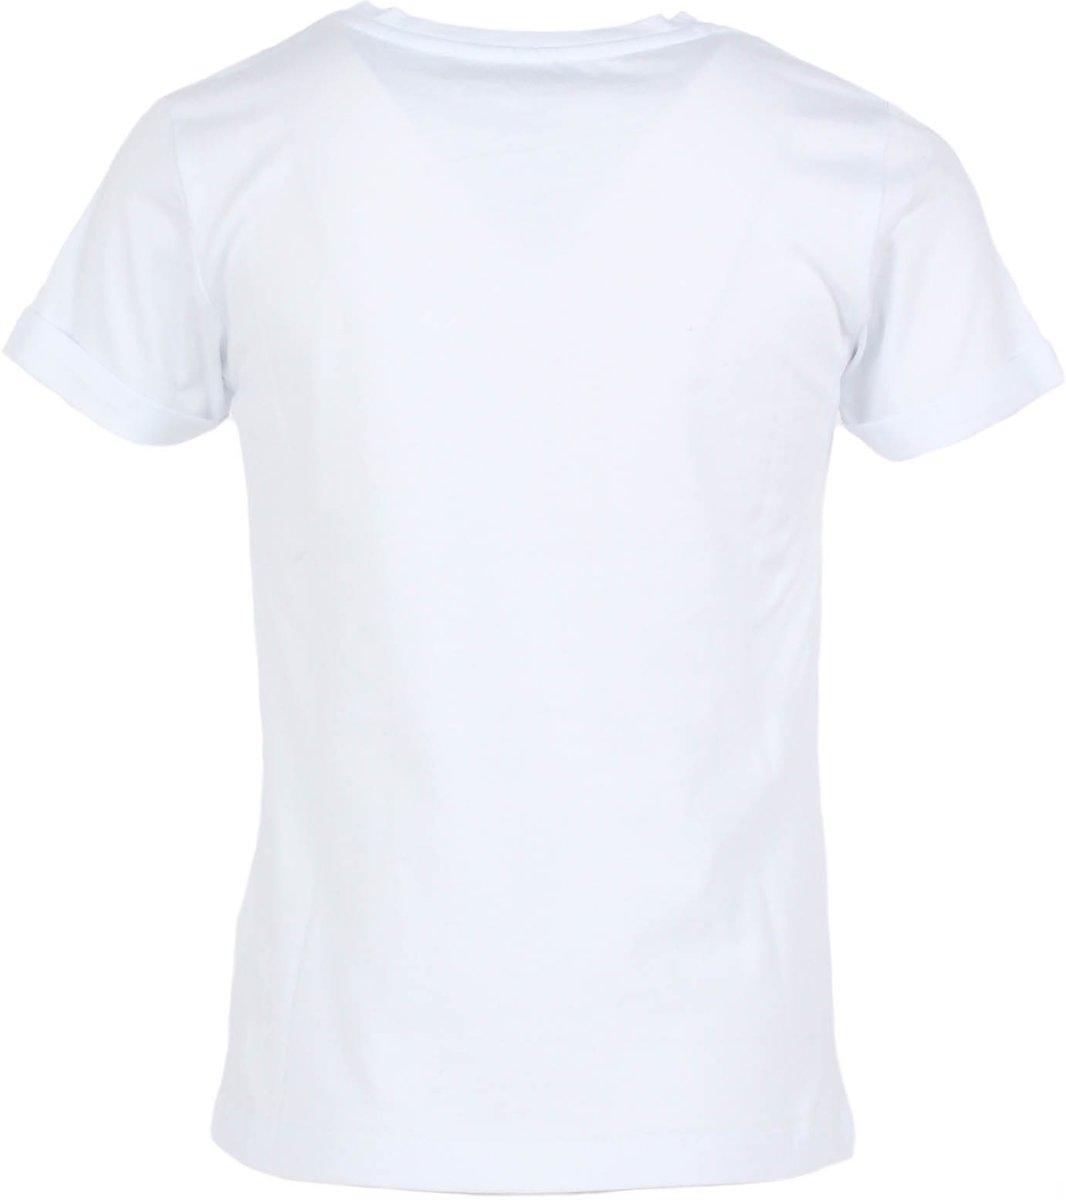 Reiders t shirt all over print Wit S   Damesshirt, T shirts